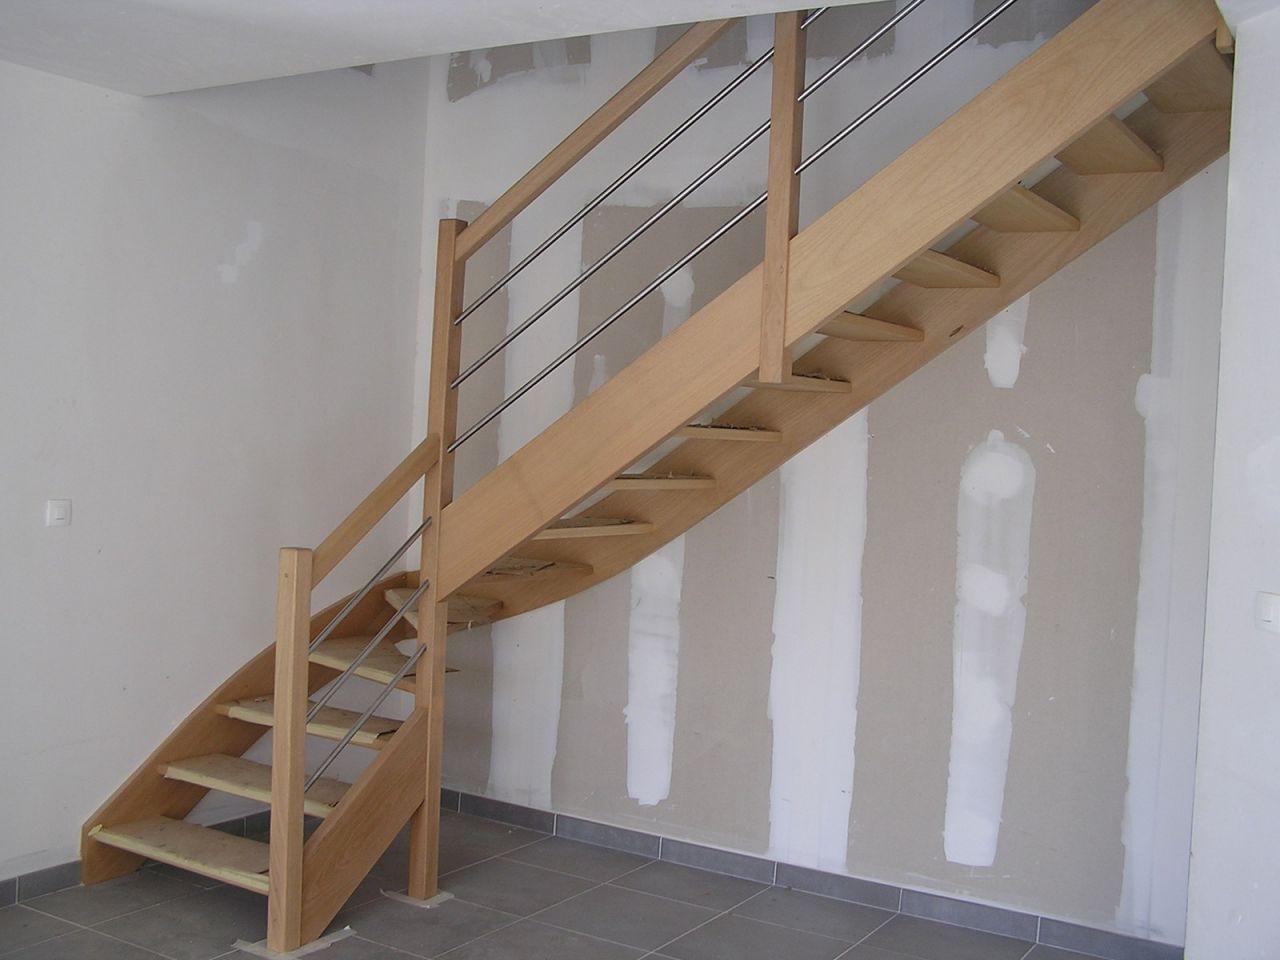 Visuel escalier pris sur internet : site =  www.bfconcept.fr/fr/escalier-sur-mesure <br /> Nous aurons un escalier en tout point similaire